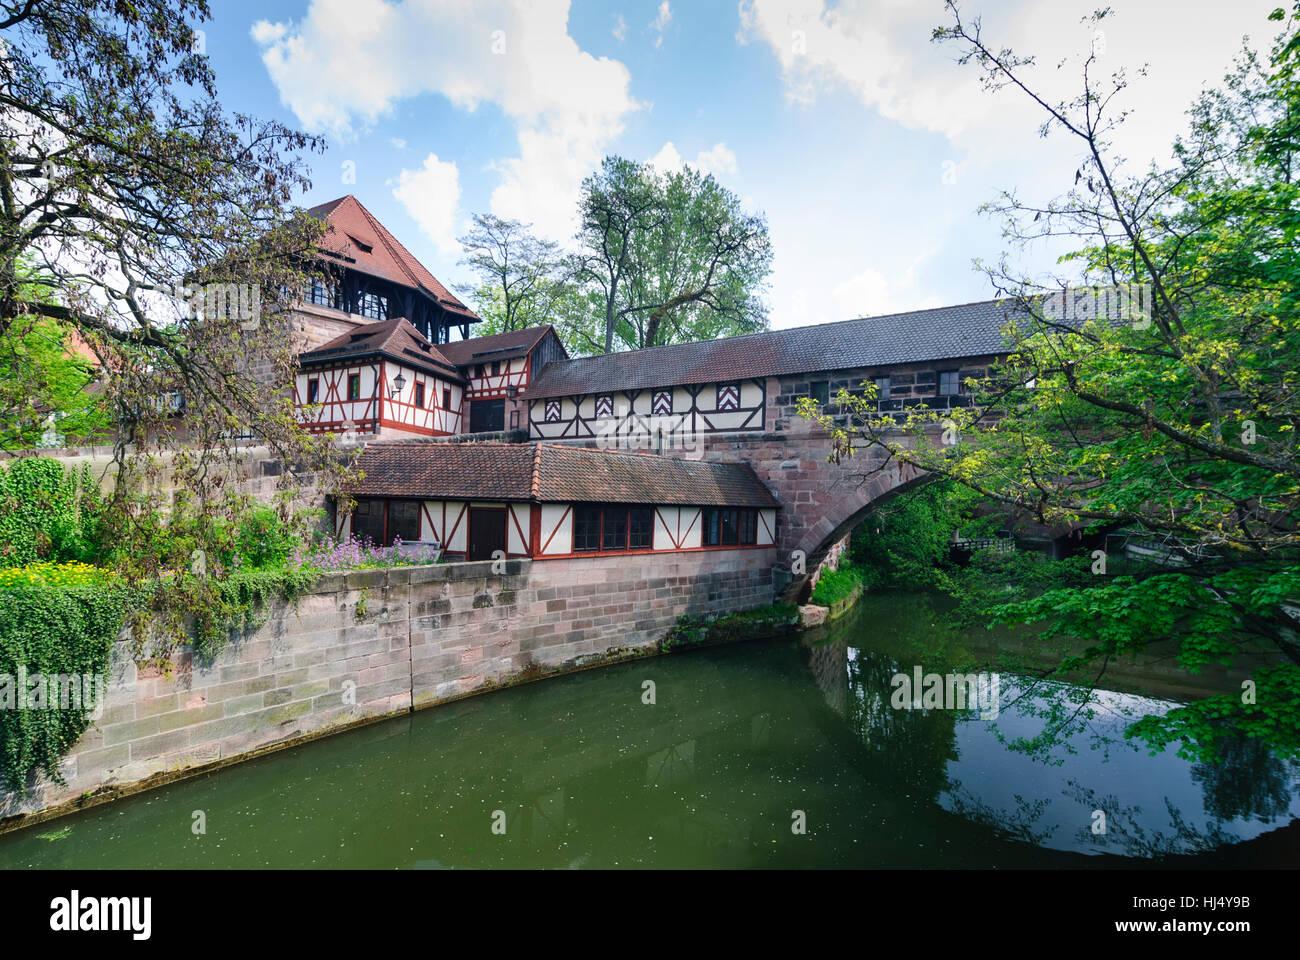 Nürnberg, Nuremberg: old twon, city gate Kasemattentor at river Pegnitz, Mittelfranken, Middle Franconia, Bayern, - Stock Image